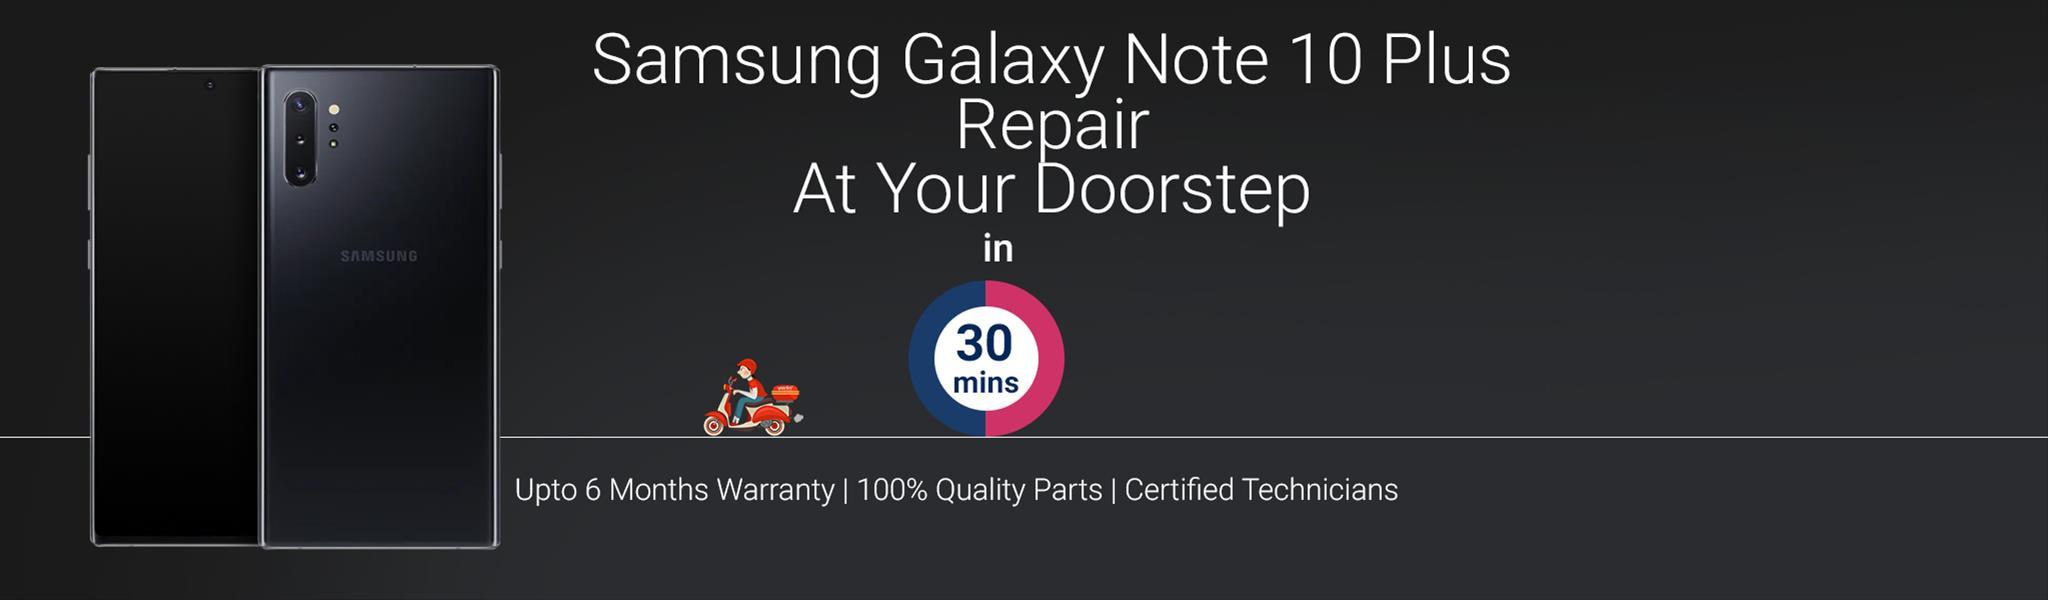 Samsung-galaxy-note-10-plus-repair.jpg